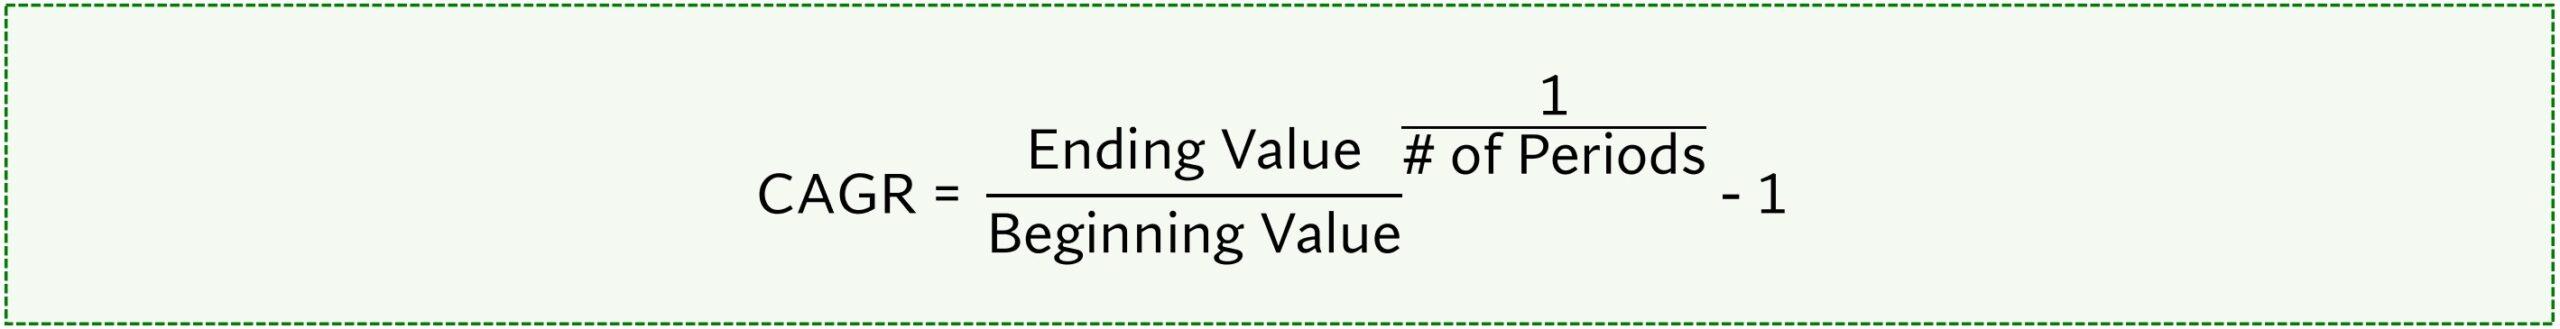 CAGR Excel Formula